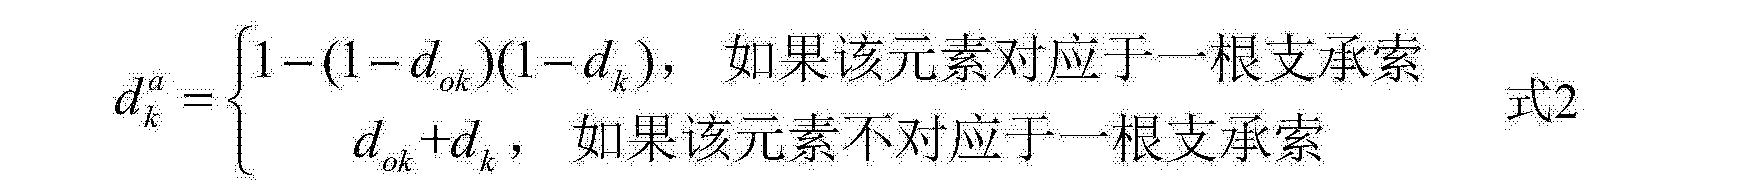 Figure CN103852304AC00102